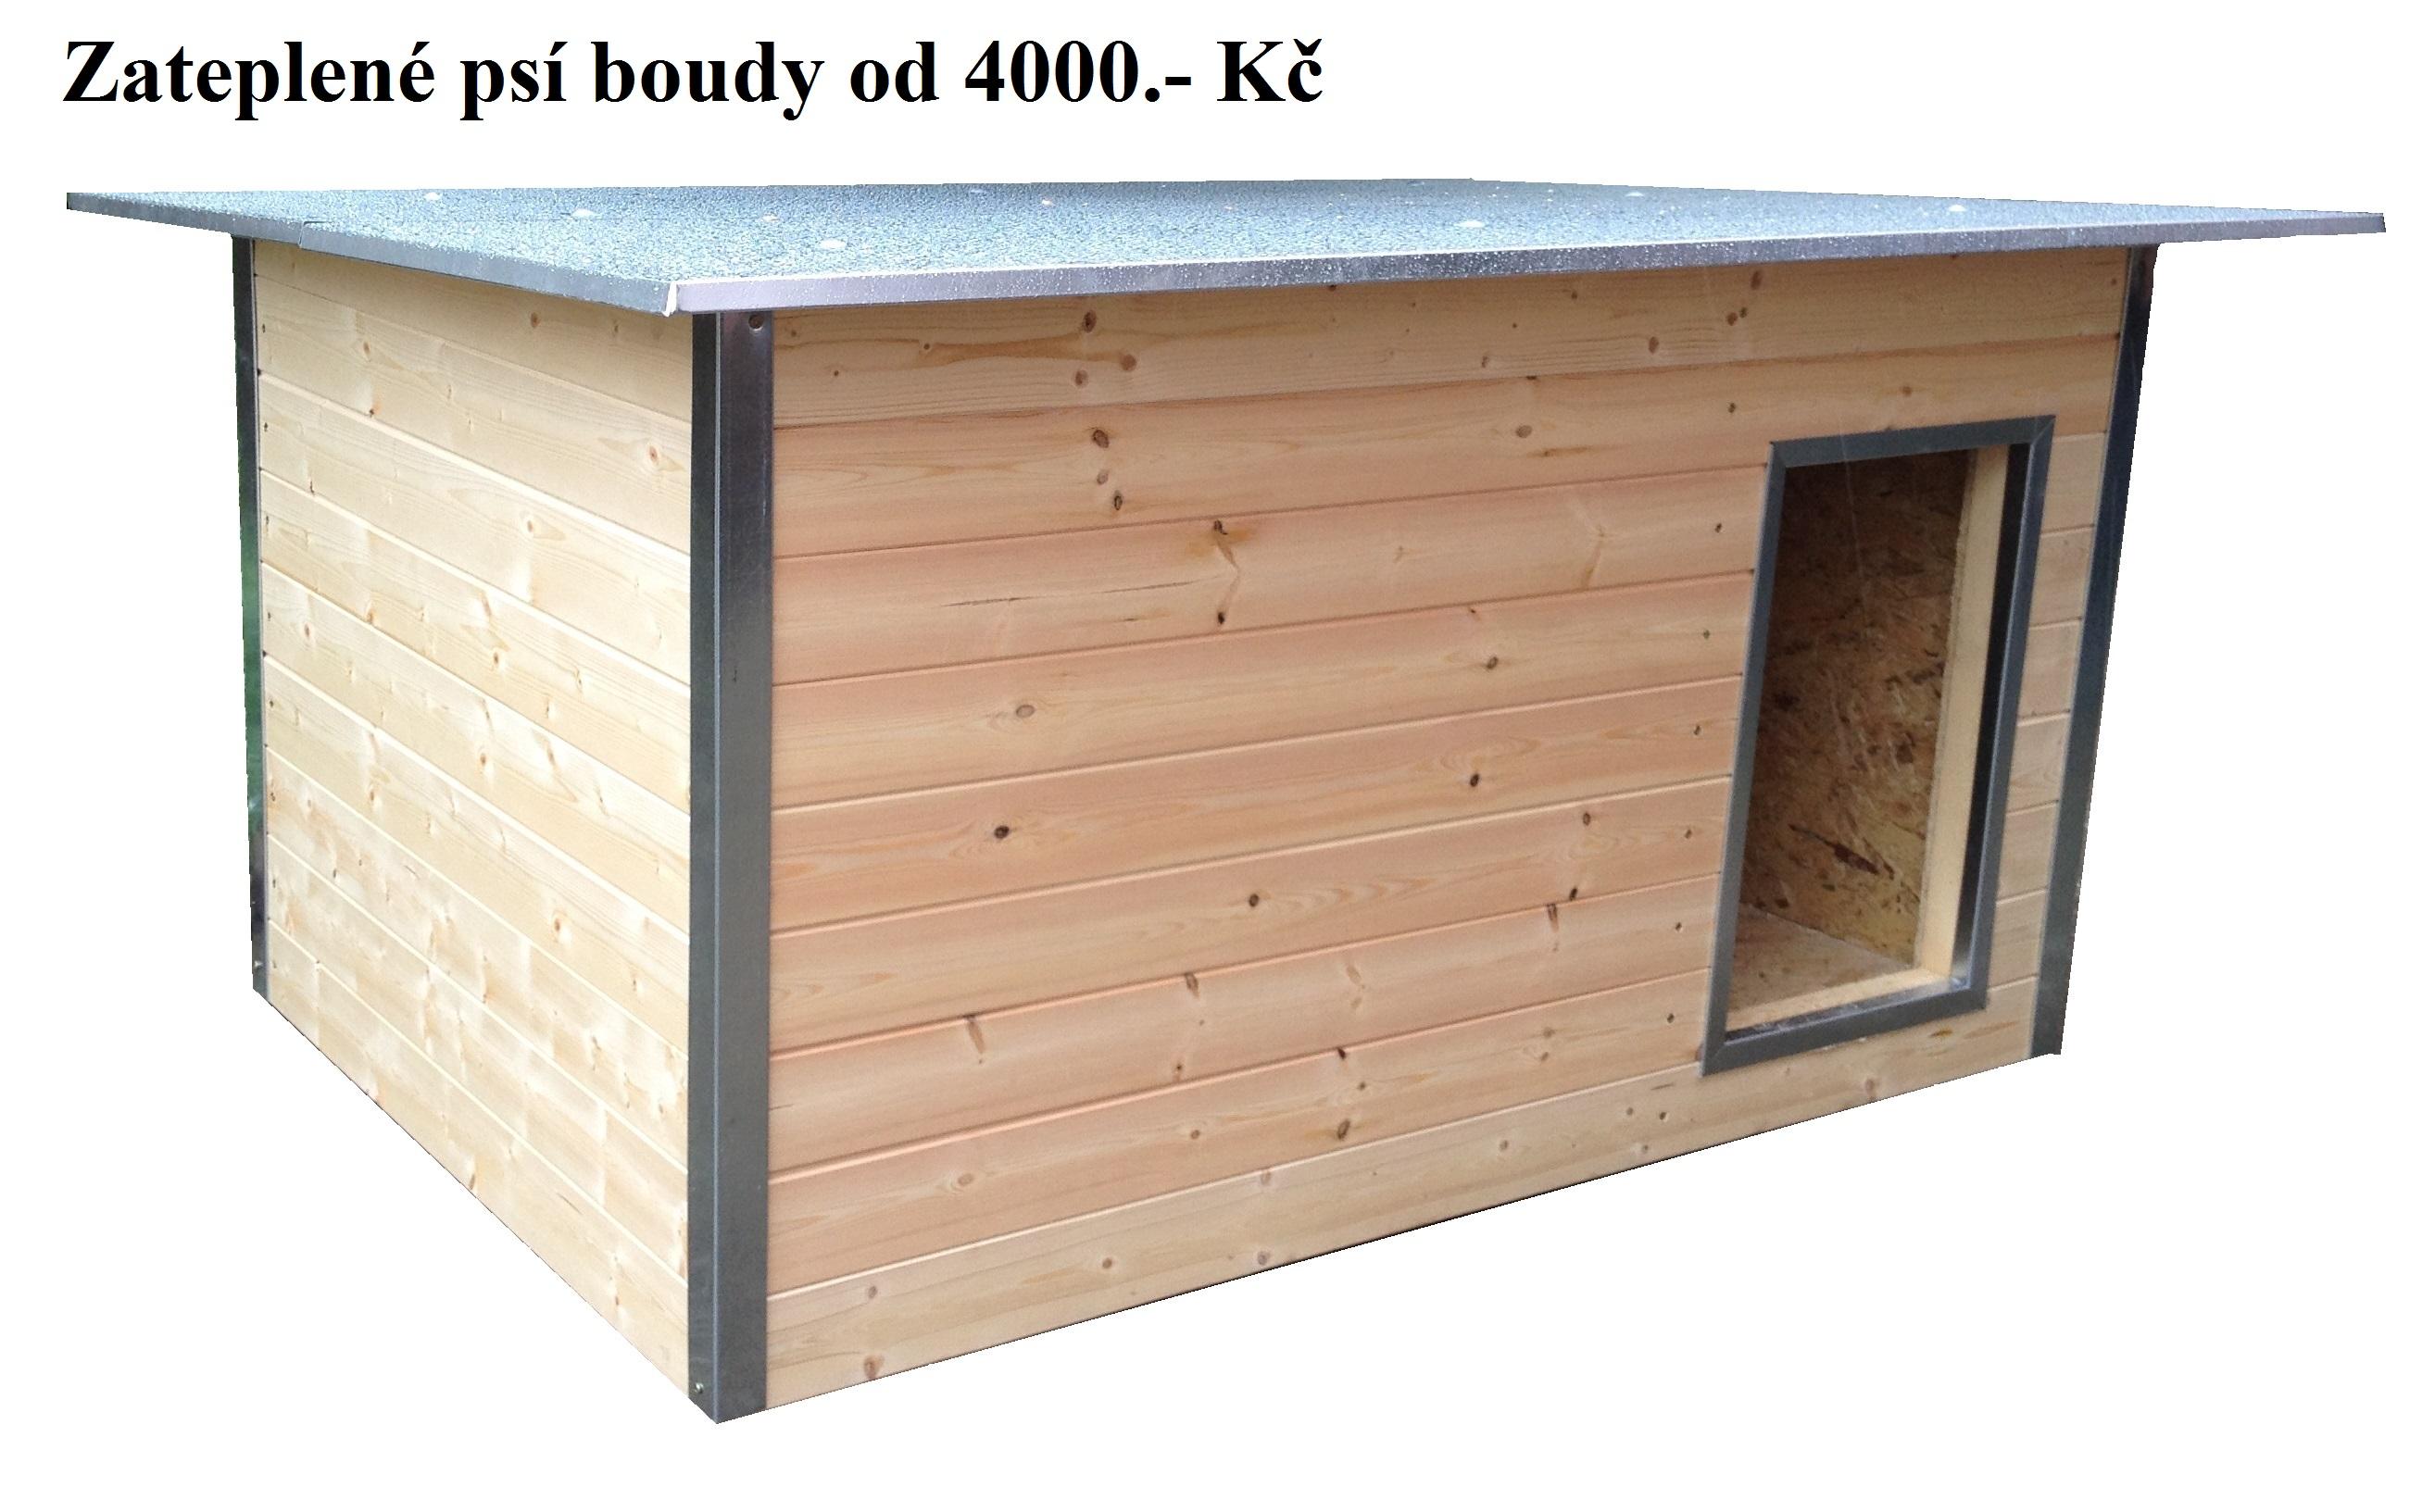 Zateplené psí boudy